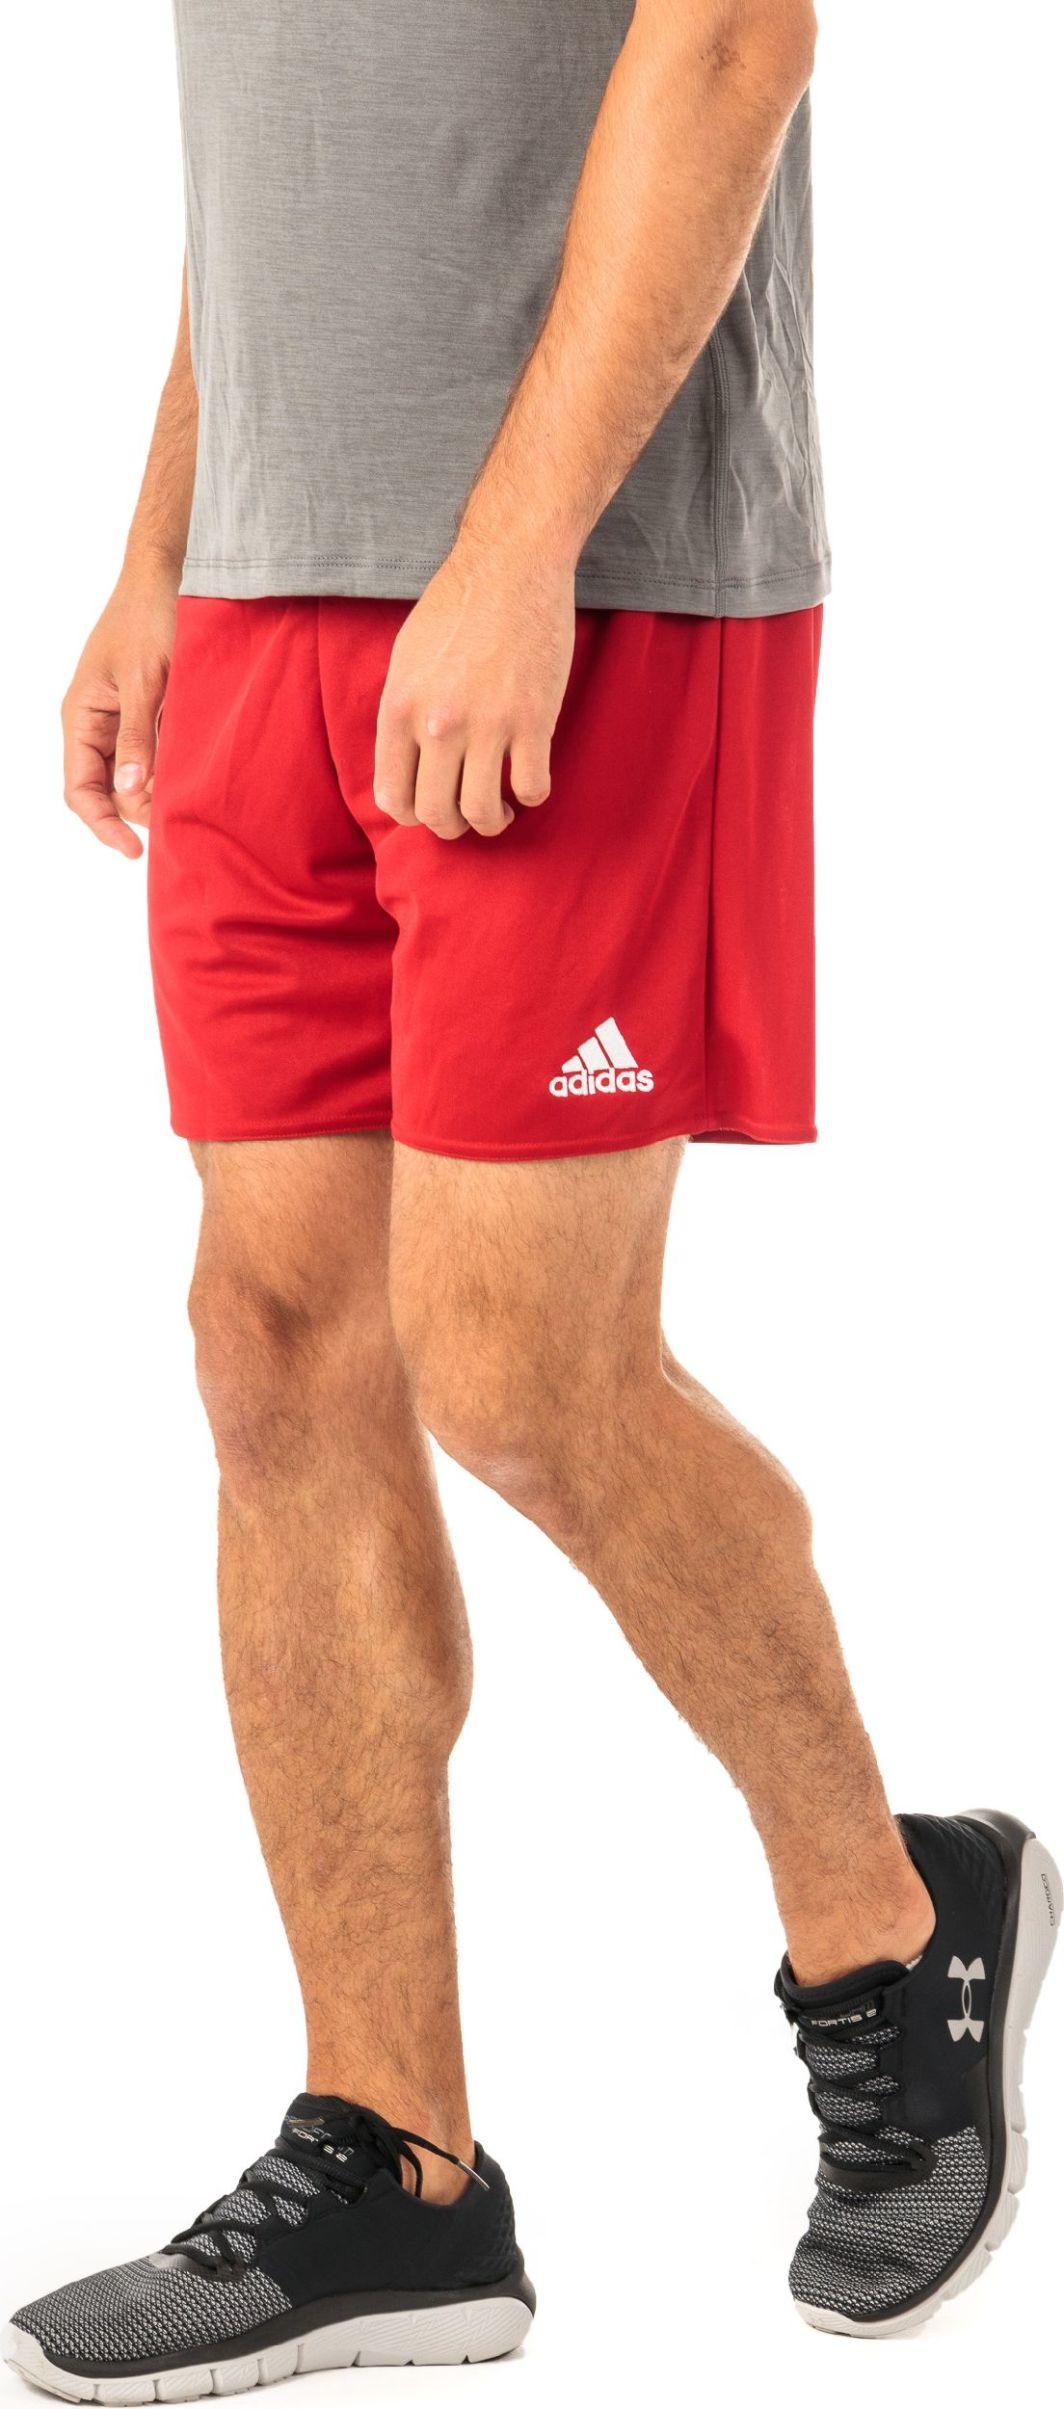 Adidas Spodenki piłkarskie męskie Parma 16 Short czerwone r. XL (AJ5881) ID produktu: 1373761